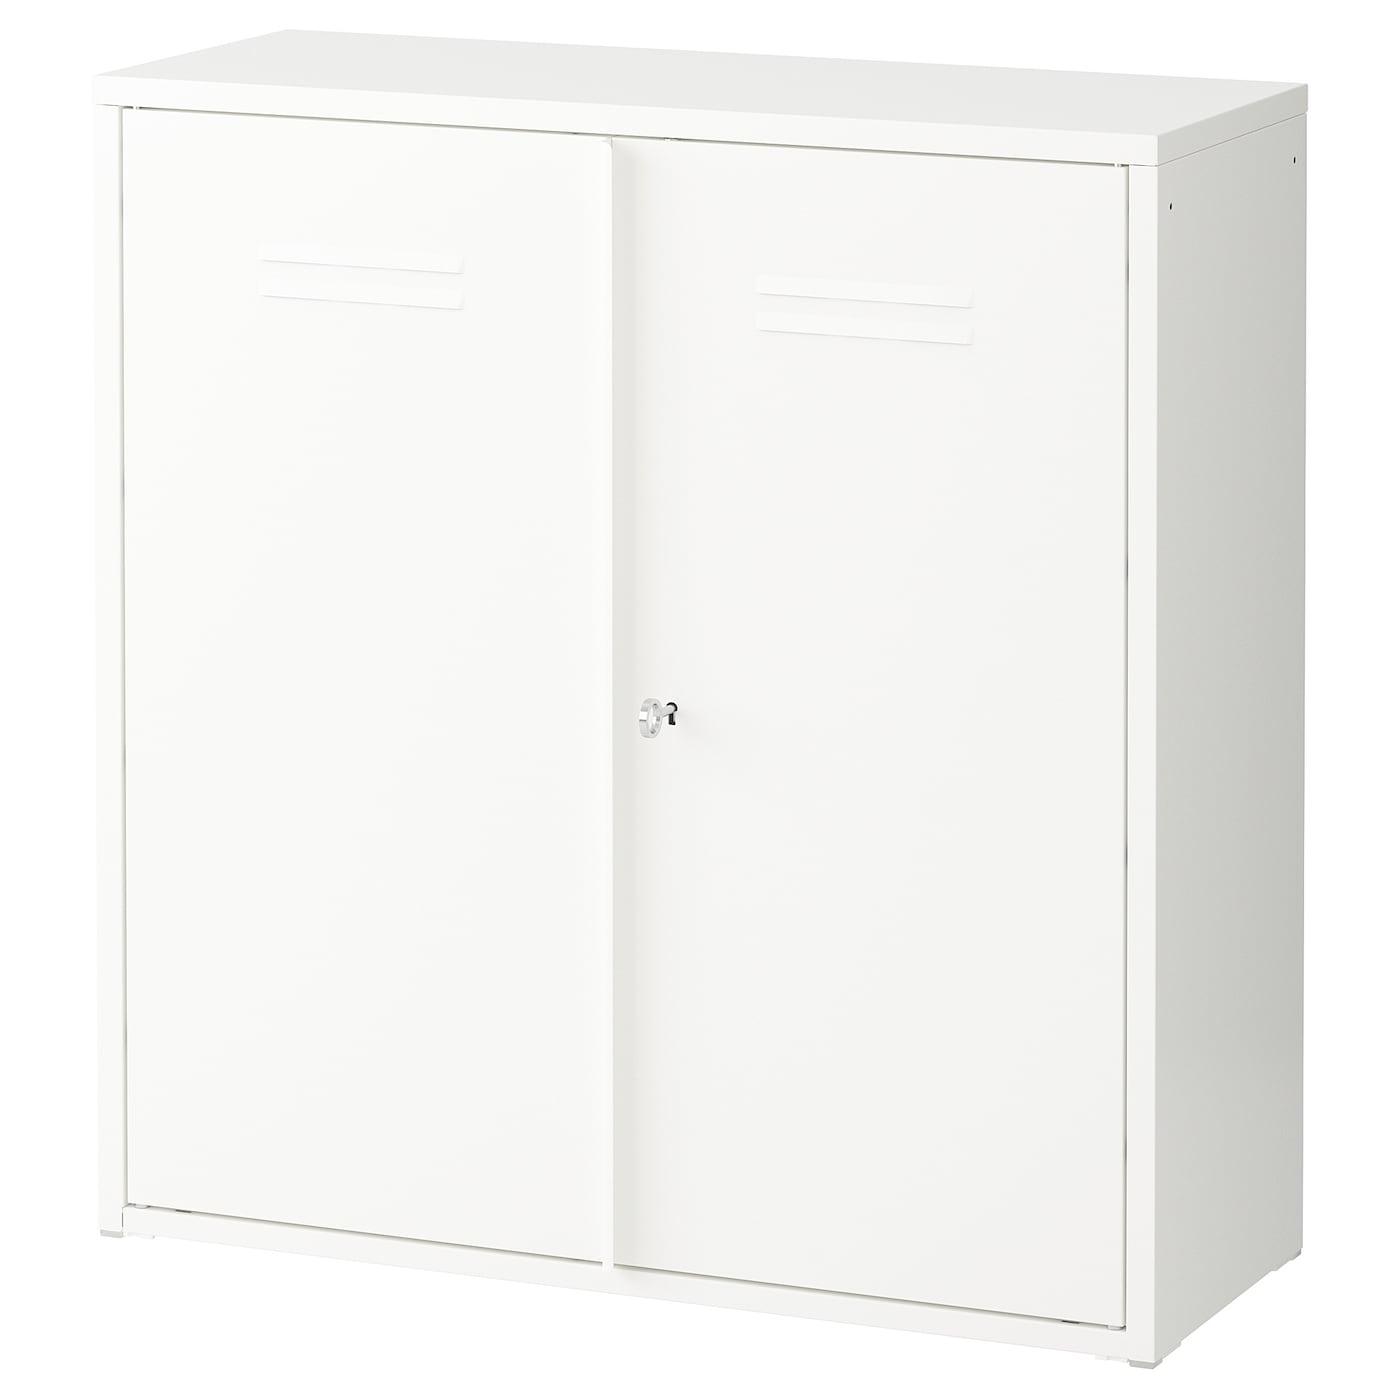 ivar armoire avec portes blanc 80 x 83 cm ikea. Black Bedroom Furniture Sets. Home Design Ideas